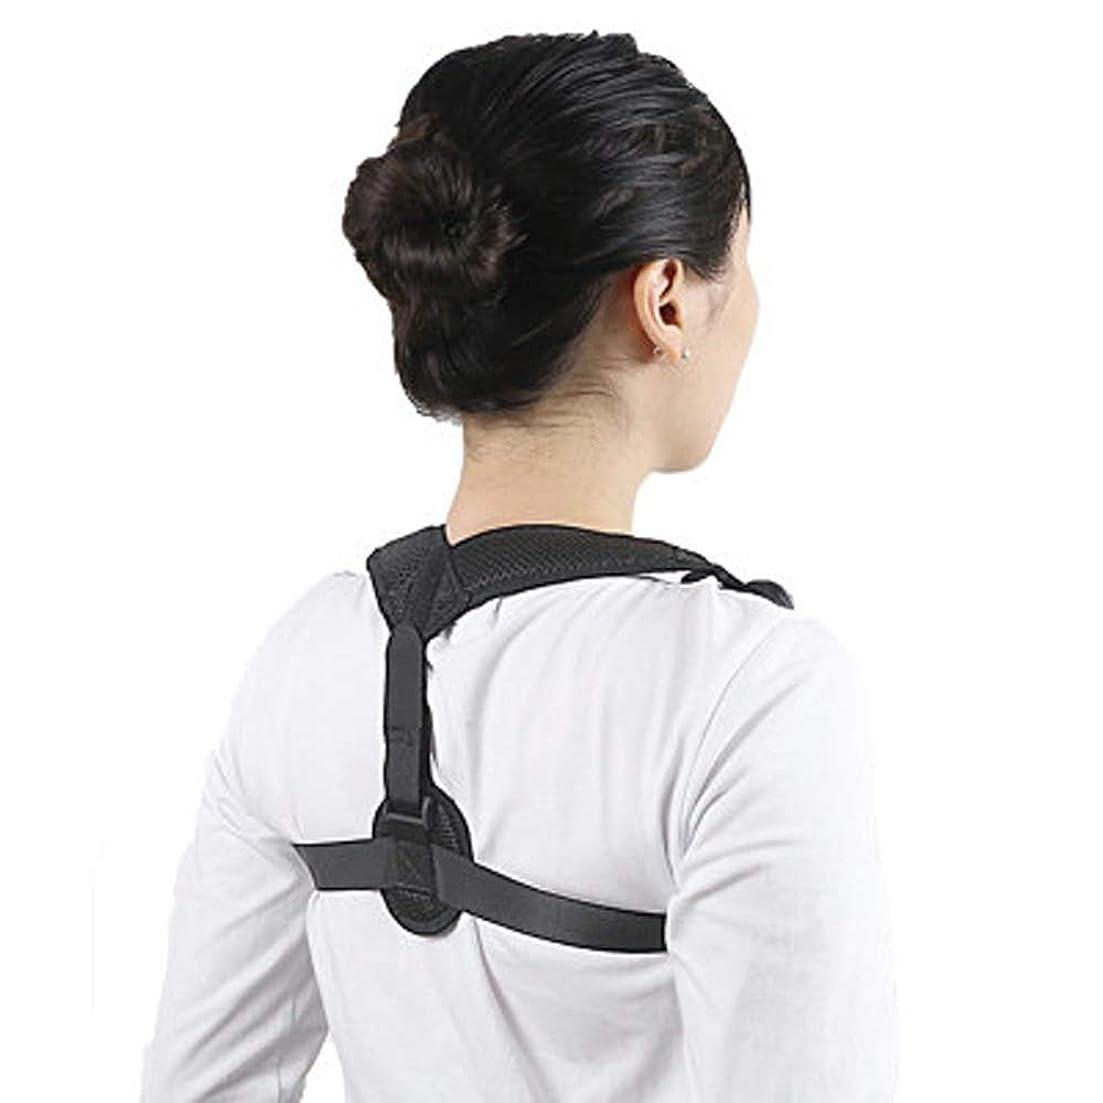 逆さまに世代植物学者MILUCE 姿勢補正器-調整可能な姿勢装具矯正脊椎サポートは、成人男性と女性、昼下がりの群衆を矯正するために使用されます